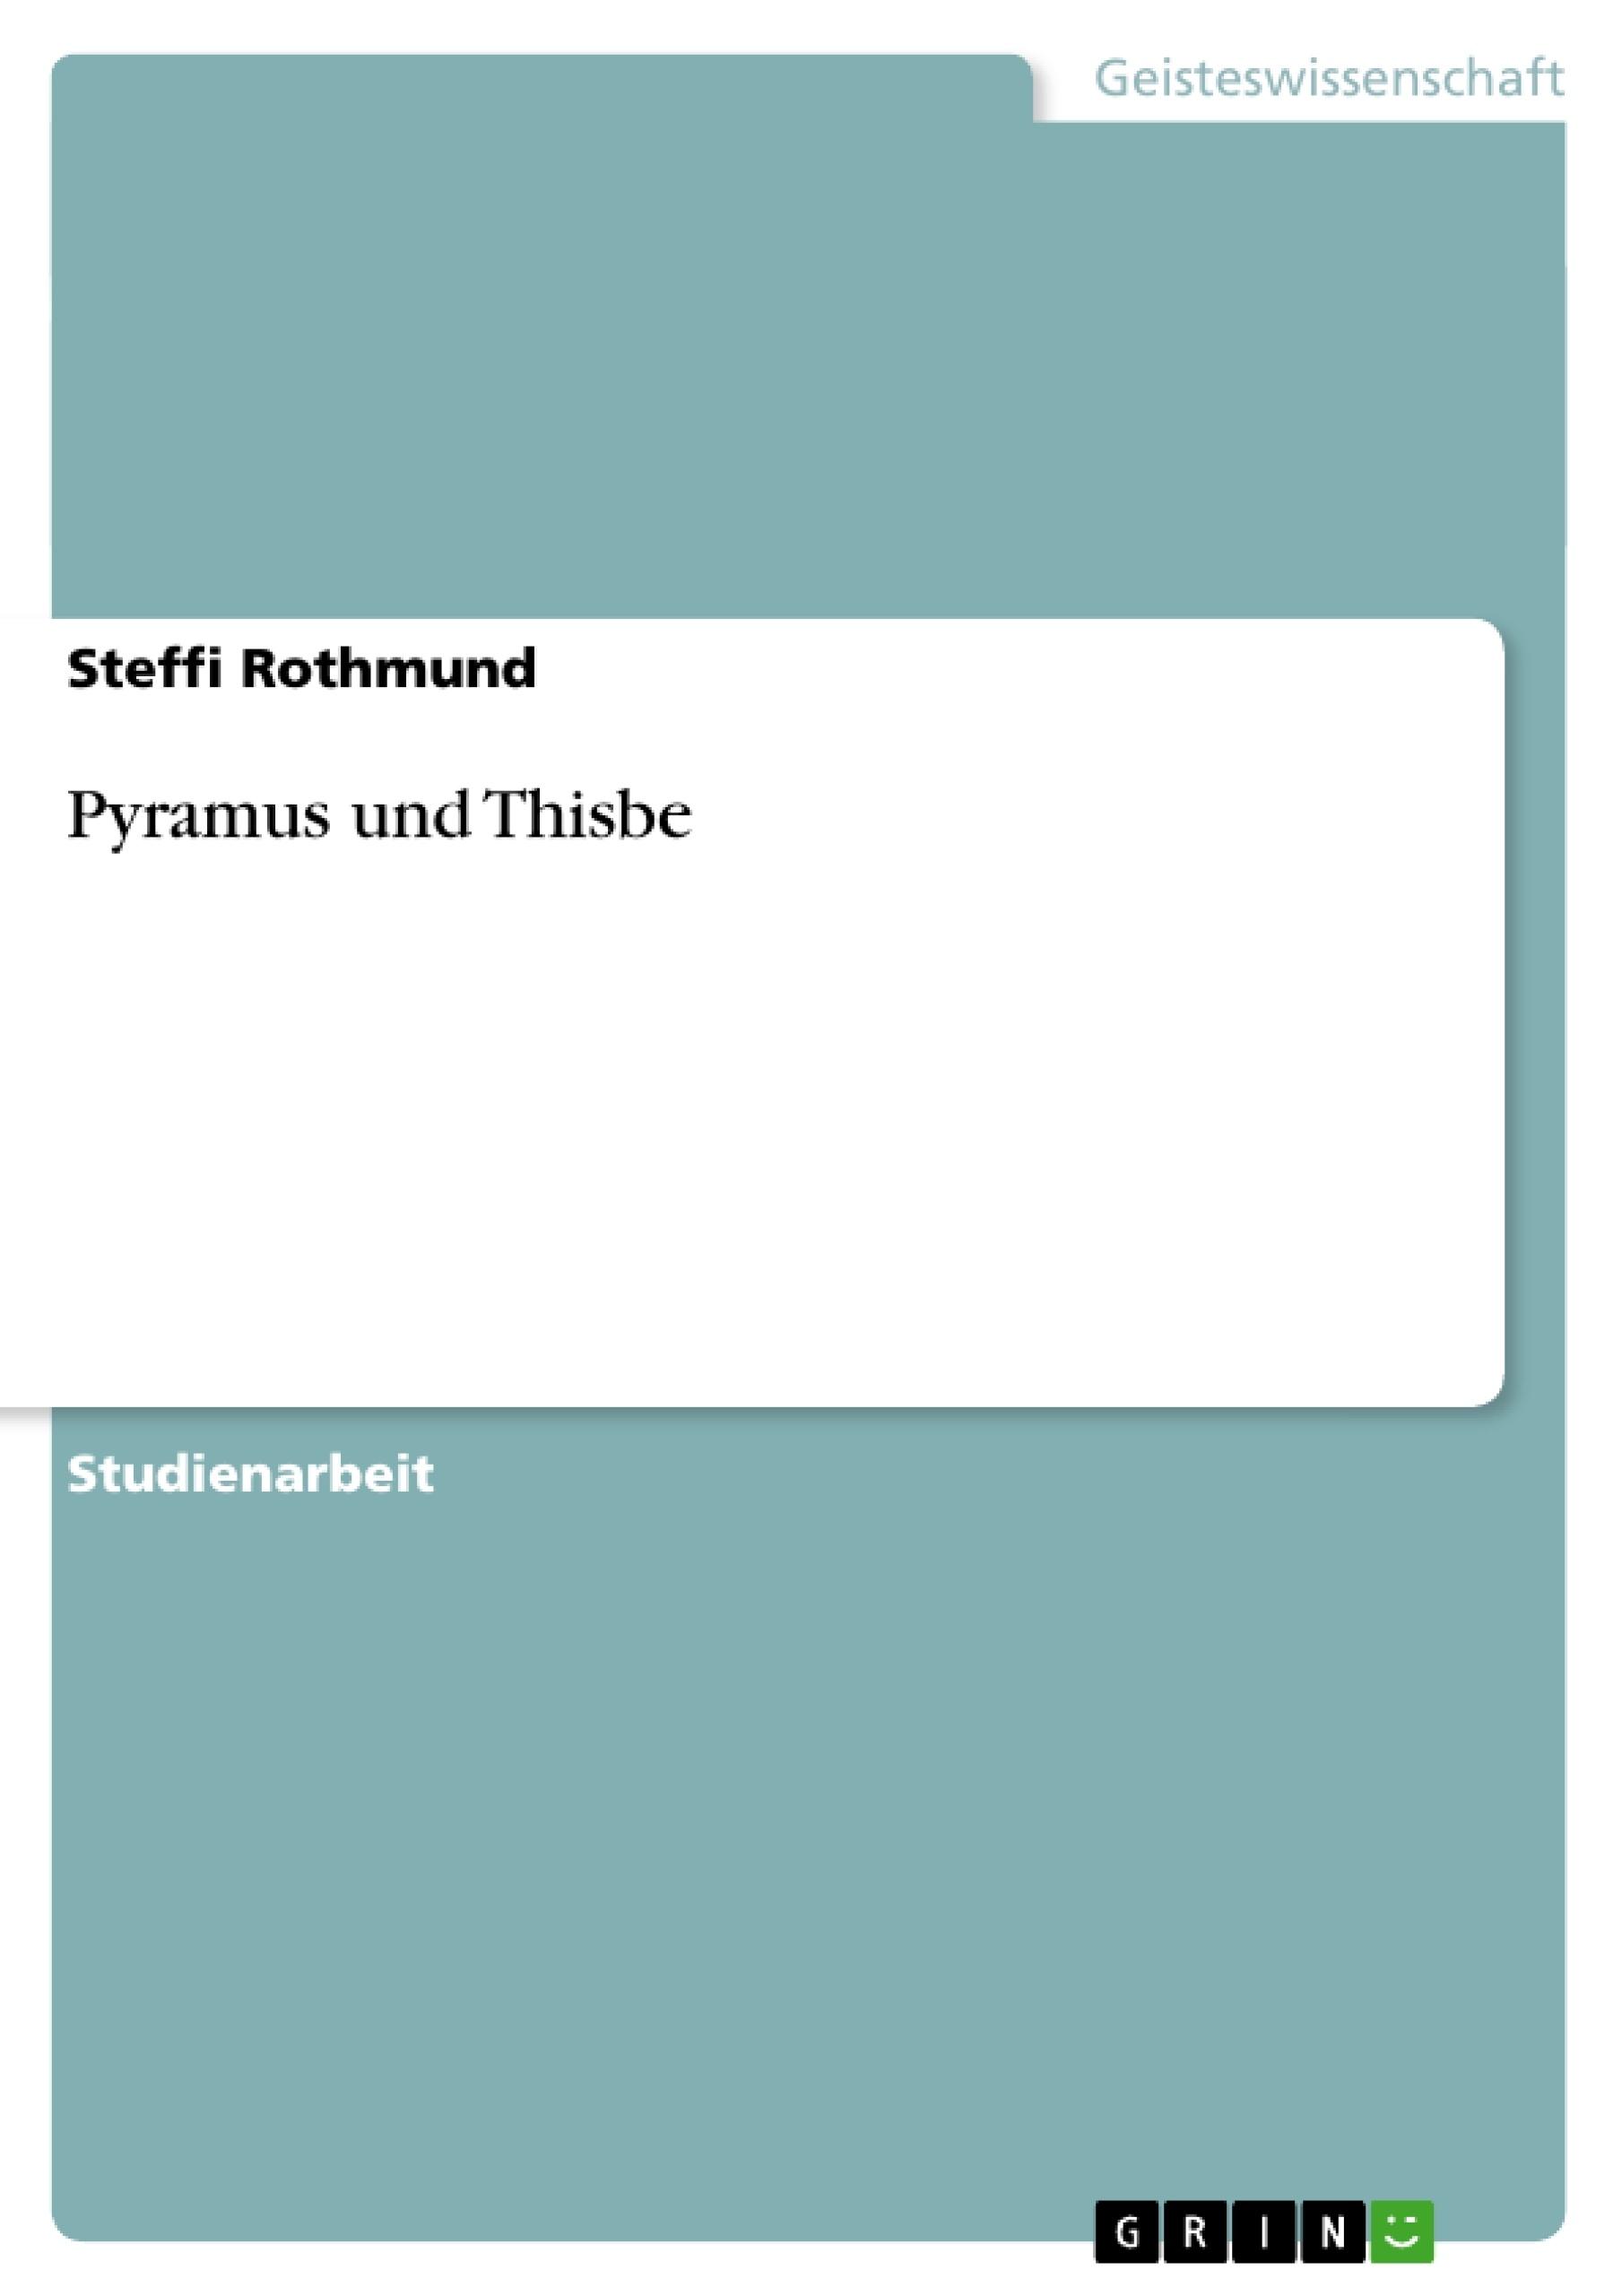 Titel: Pyramus und Thisbe